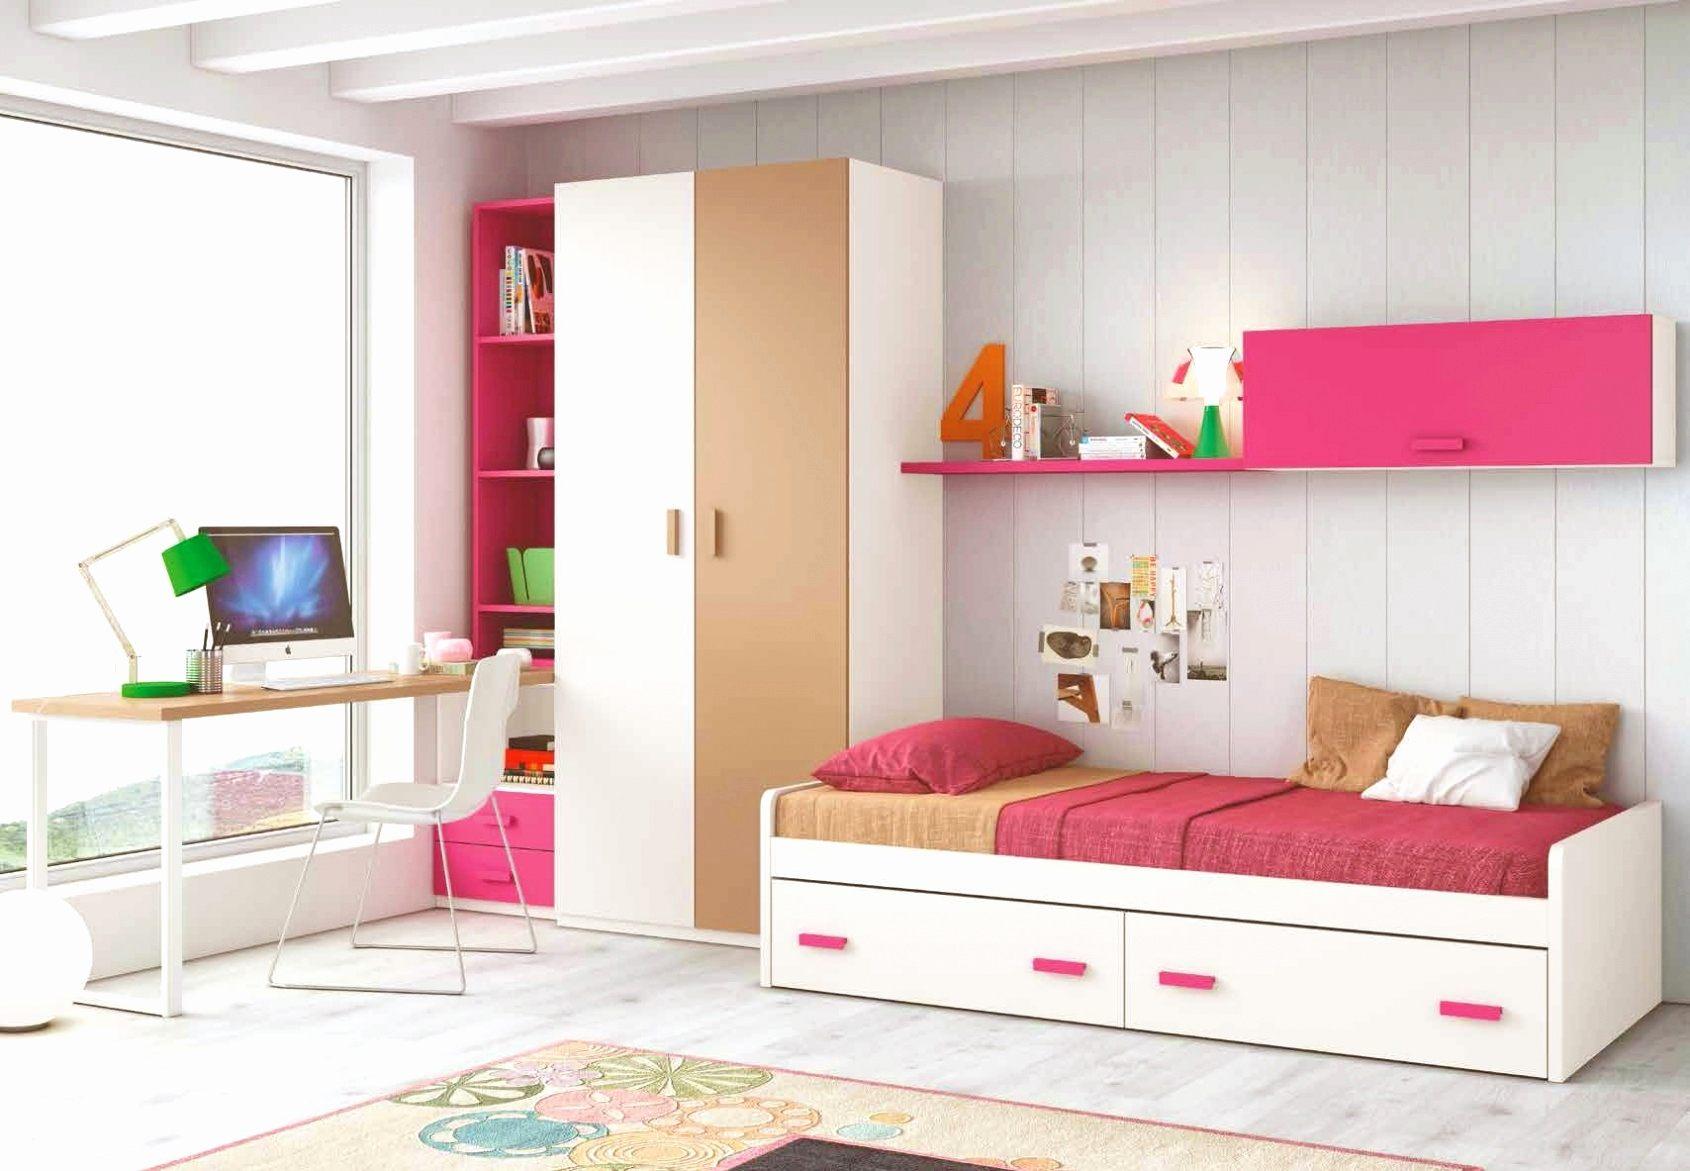 Tete De Lit Manguier Frais Tete De Lit Bois Diy Beau Tete De Lit Ikea 180 Fauteuil Salon Ikea